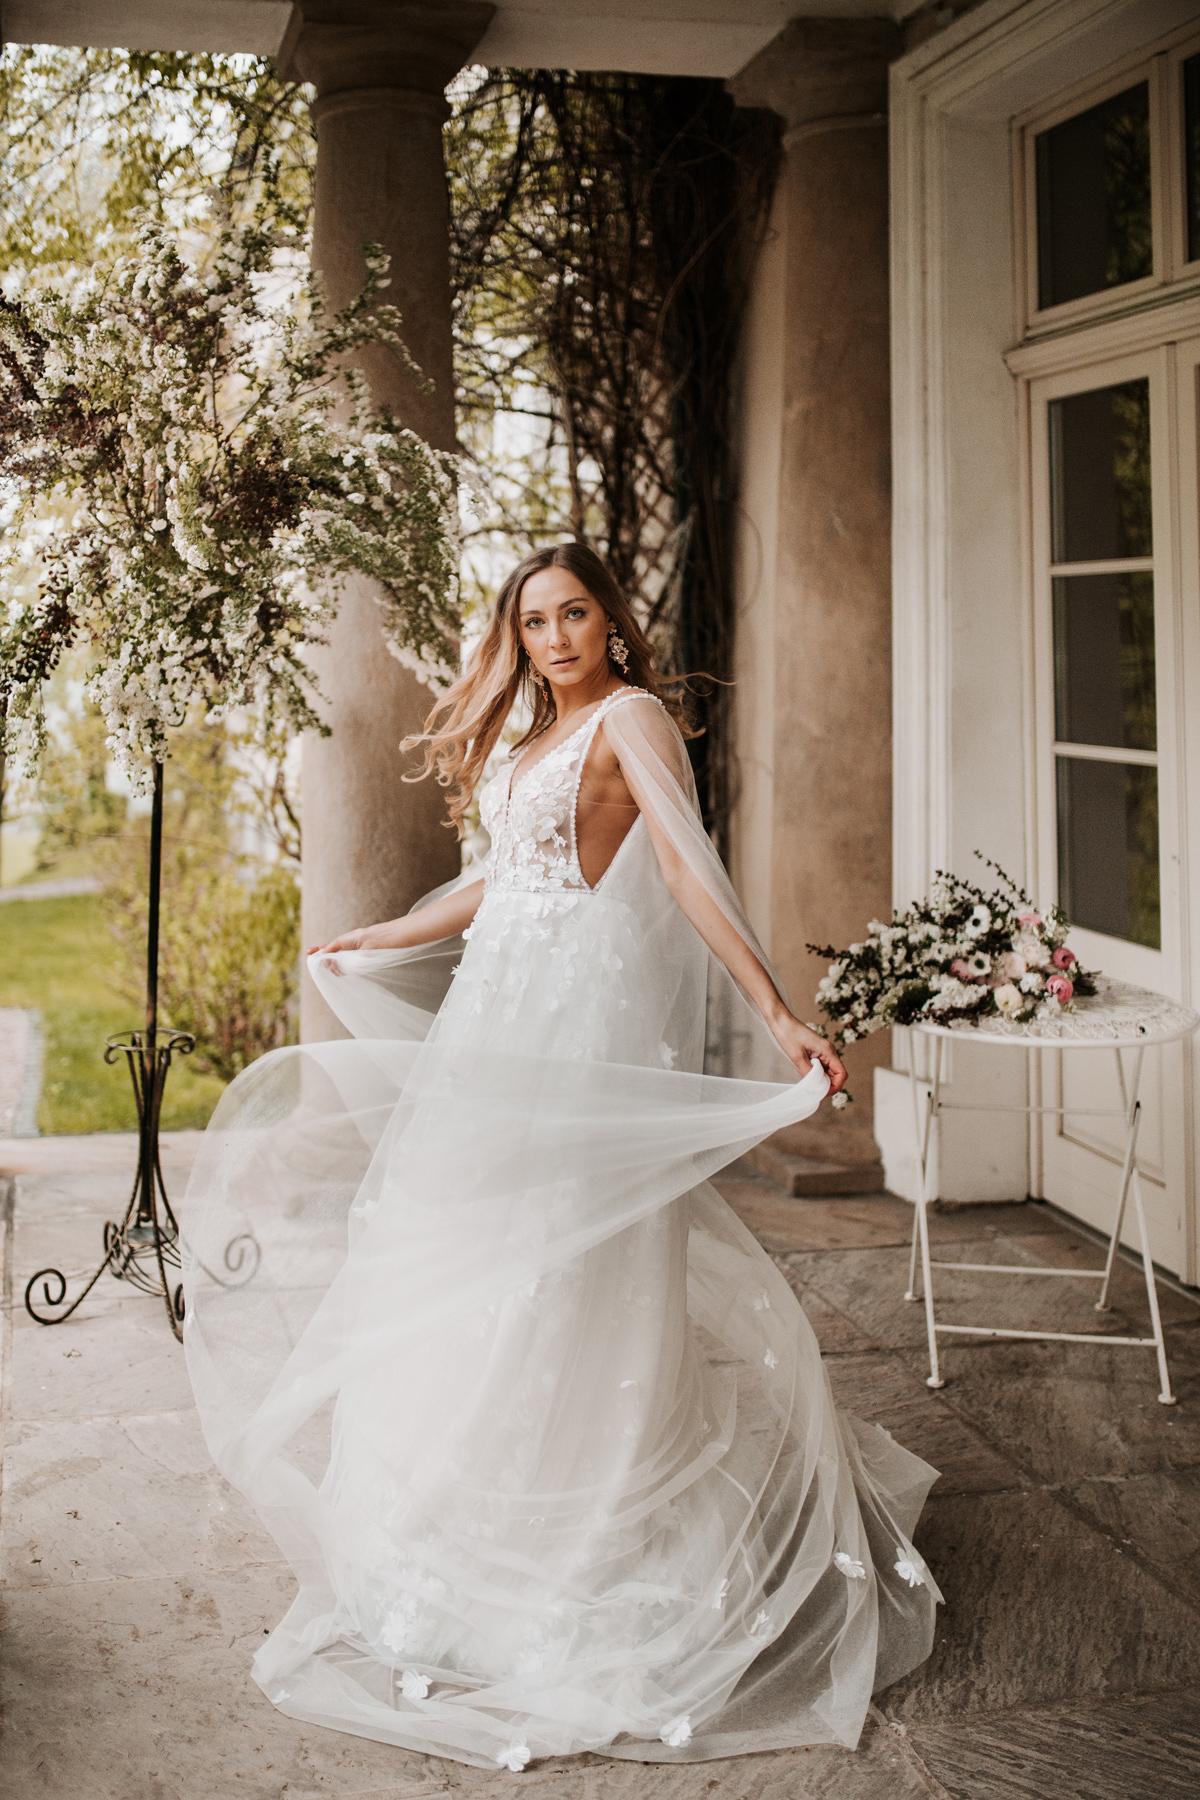 W & K - ślub w plenerze we dwoje - Dwór Sieraków 20